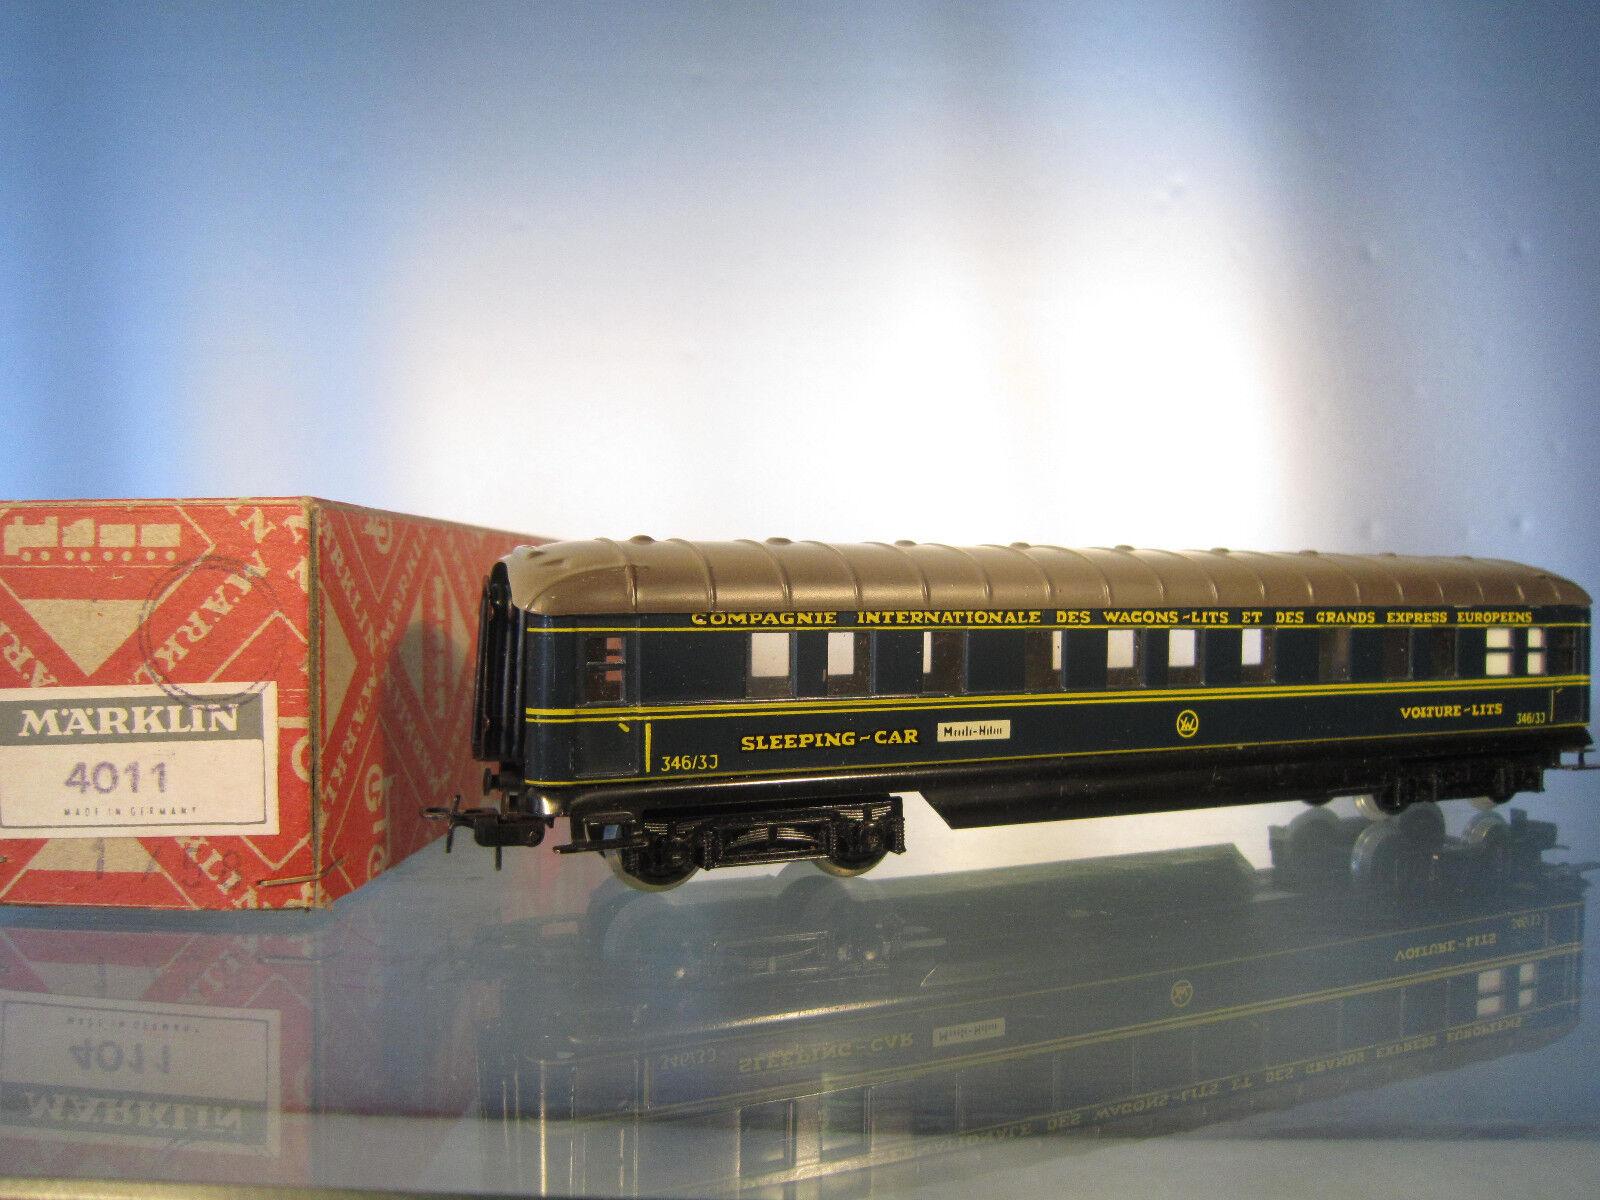 marklin 3463 J 4011 vagone letto della CIWL mattoncini, in autotone